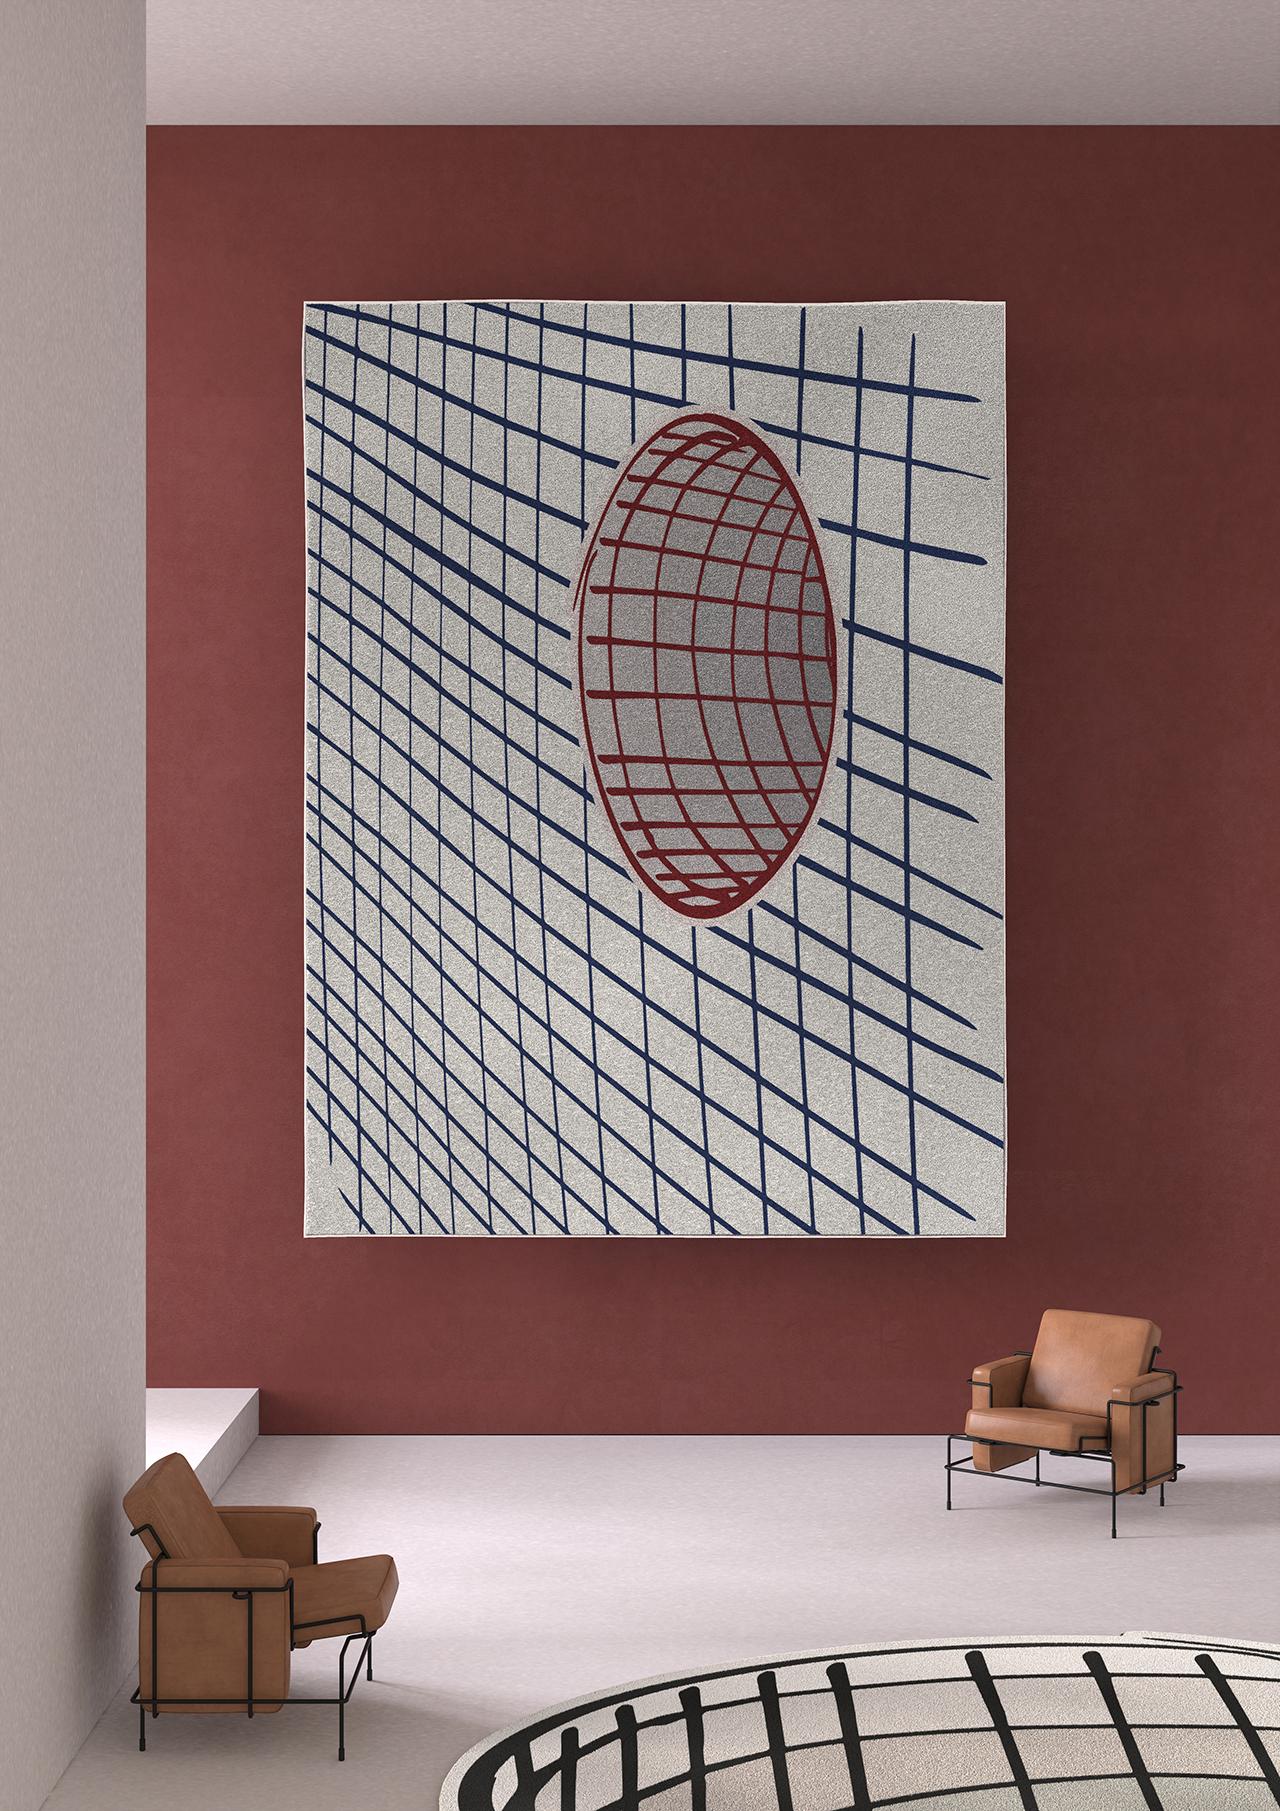 rug hanging on wall